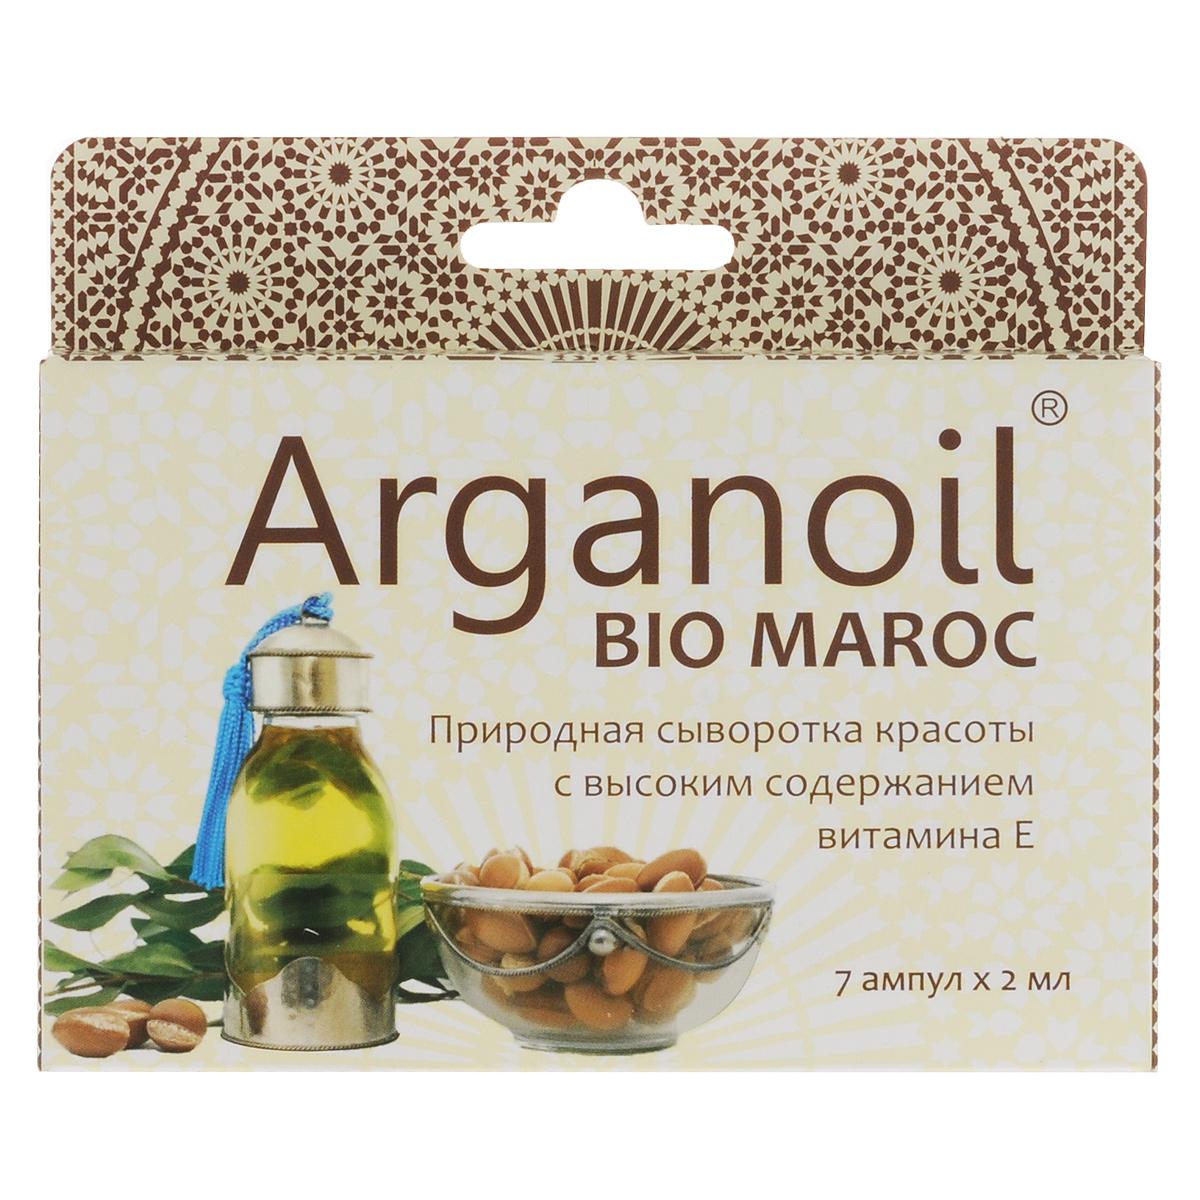 Дом Арганы Масло Арганы для лица и тела Arganoil Bio Maroc, косметическое, 7х2 мл70667Уникальный эликсир молодости и красоты. Высокое содержание природного витамина Е и ненасыщенных жирных кислот. Масло питает, смягчает, усиливает обменные и регенерационные процессы кожных покровов, стимулирует выработку эластина и коллагена, запускает в организме процессы метаболизма и интенсивного омолаживающего действия. Увлажняет, защищая кожу от сухости и раздражения. Прекрасно впитывается, улучшая состояние кожного покрова. Разглаживает неглубокие морщины, подтягивая контур лица. Идеально подходит для любого типа кожи. Товар сертифицирован.